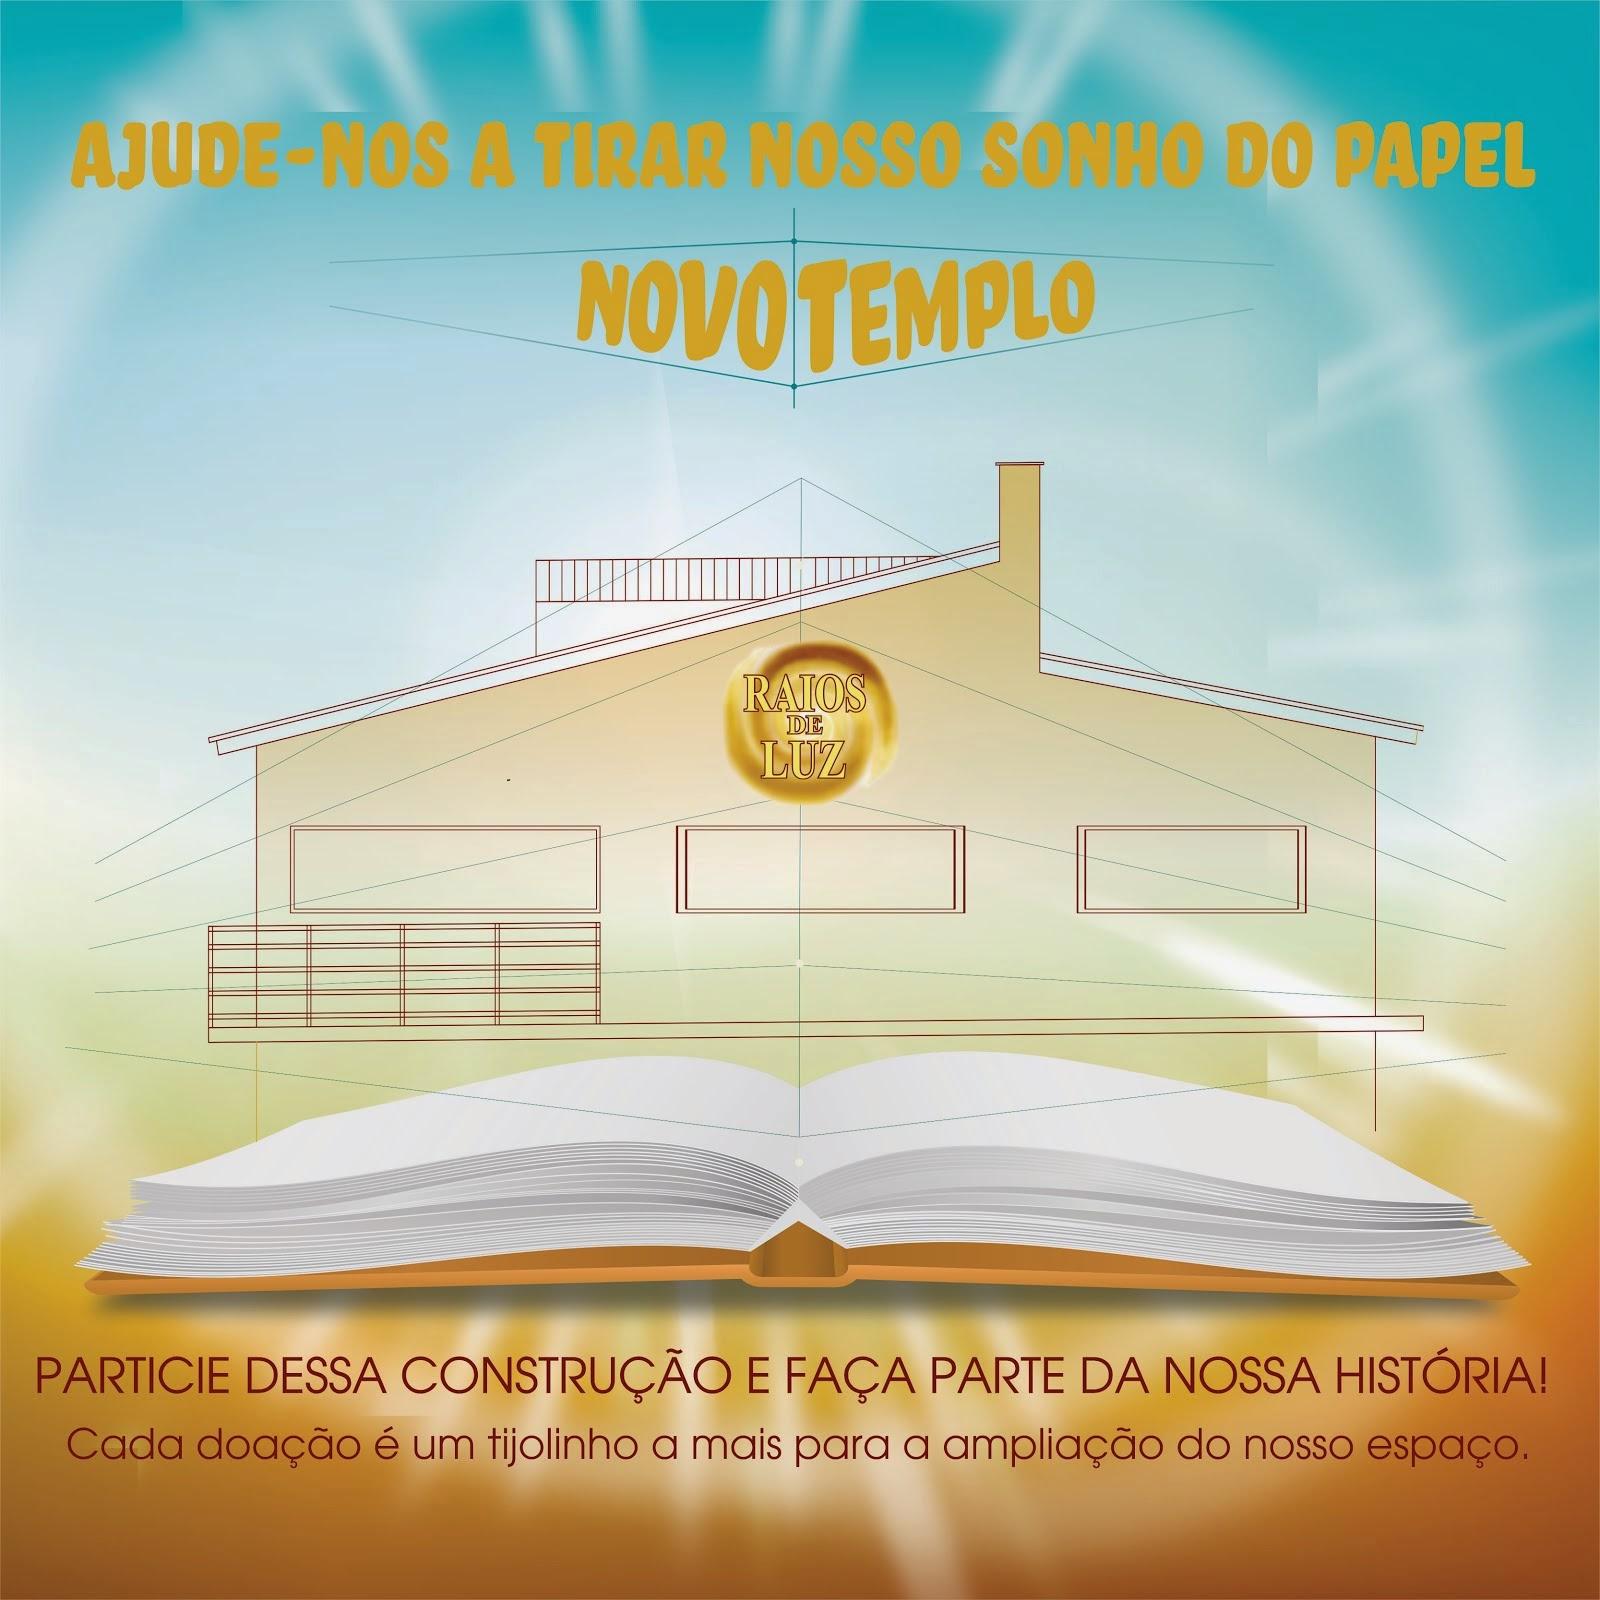 AJUDE-NOS A TIRAR NOSSO SONHO DO PAPEL